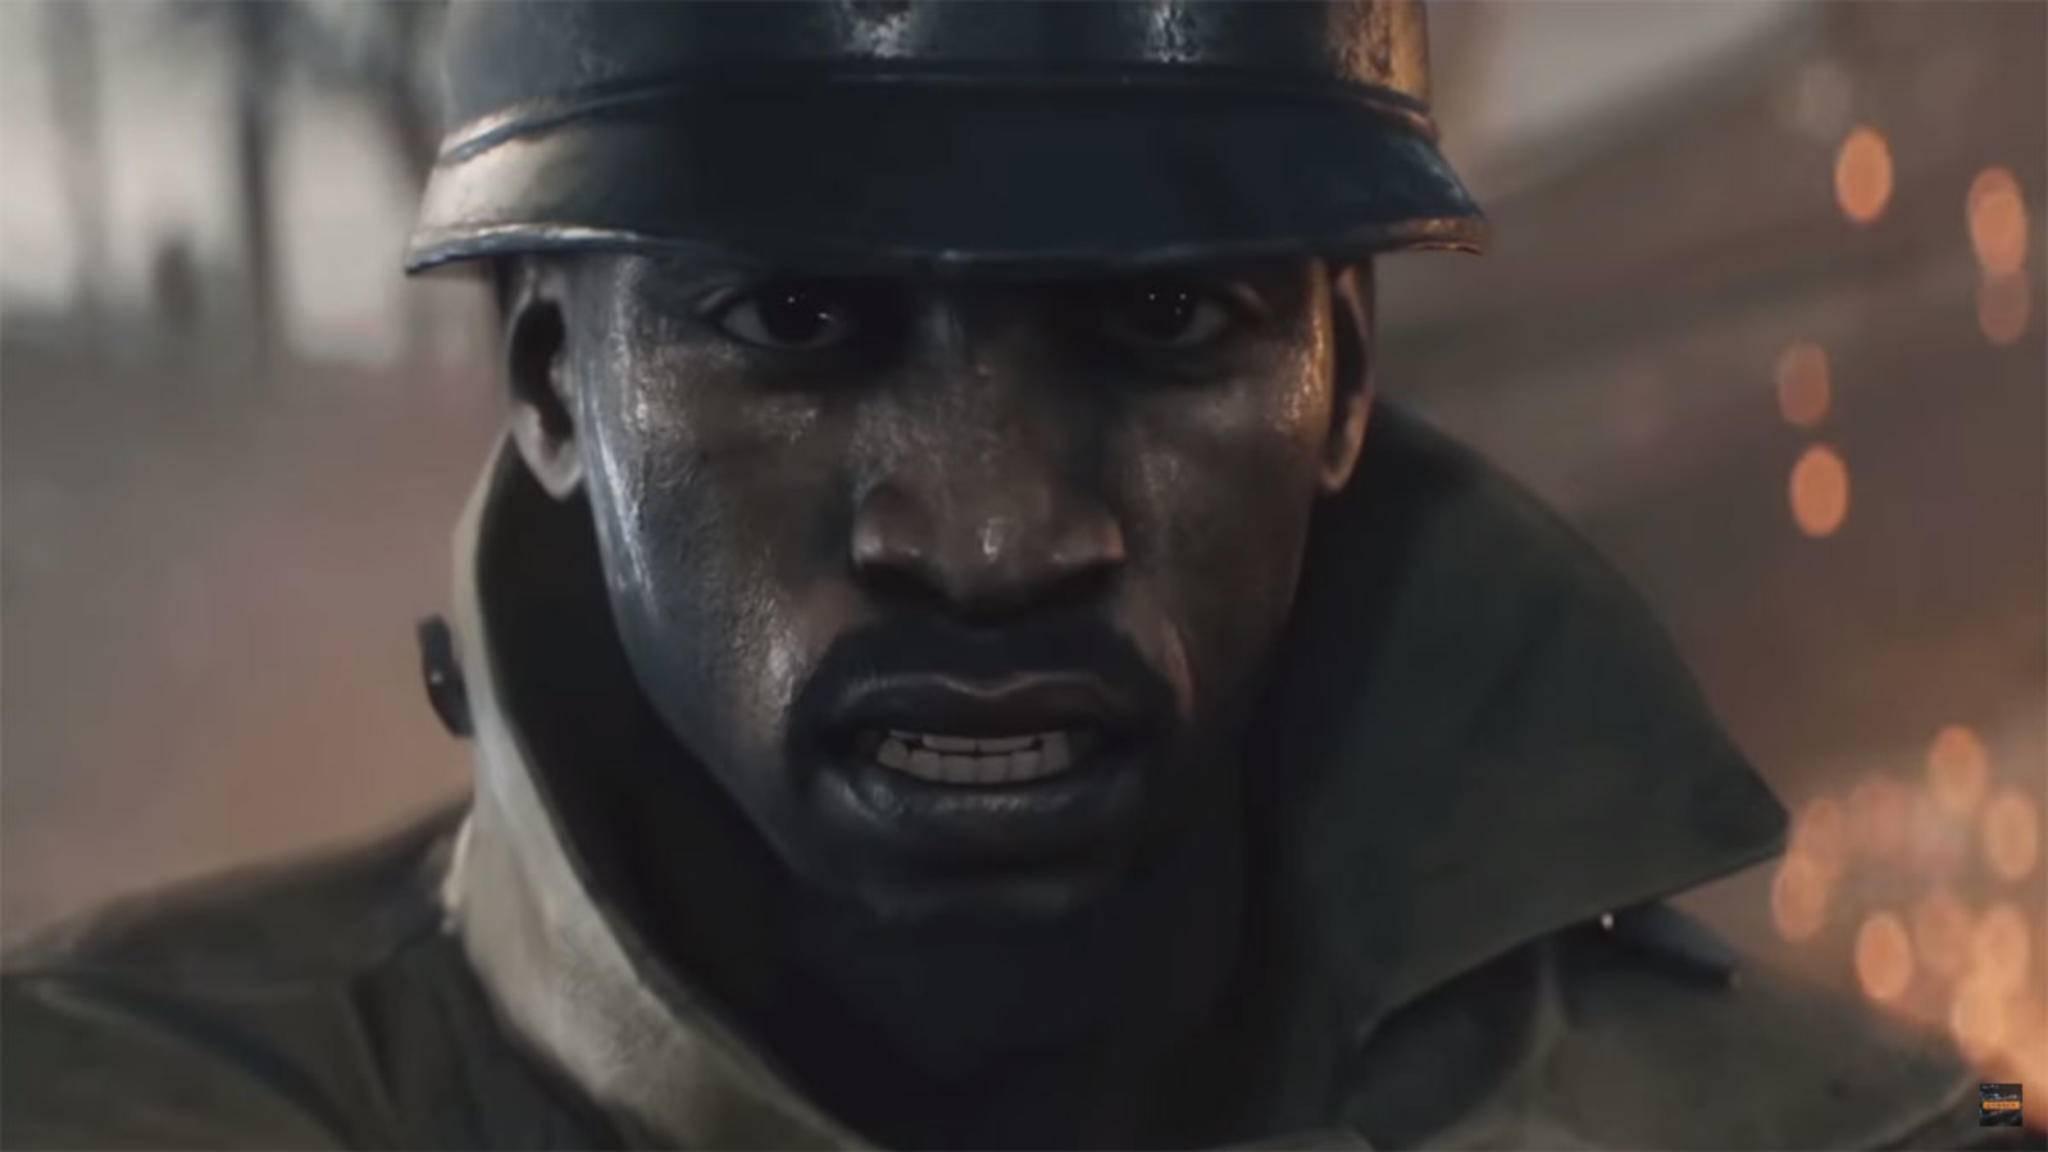 """Auch das neue """"Battlefield"""" könnte wieder unterschiedliche Soldaten-Geschichten erzählen. In jedem Fall sollen Einzelspieler-Fans auf ihre Kosten kommen."""